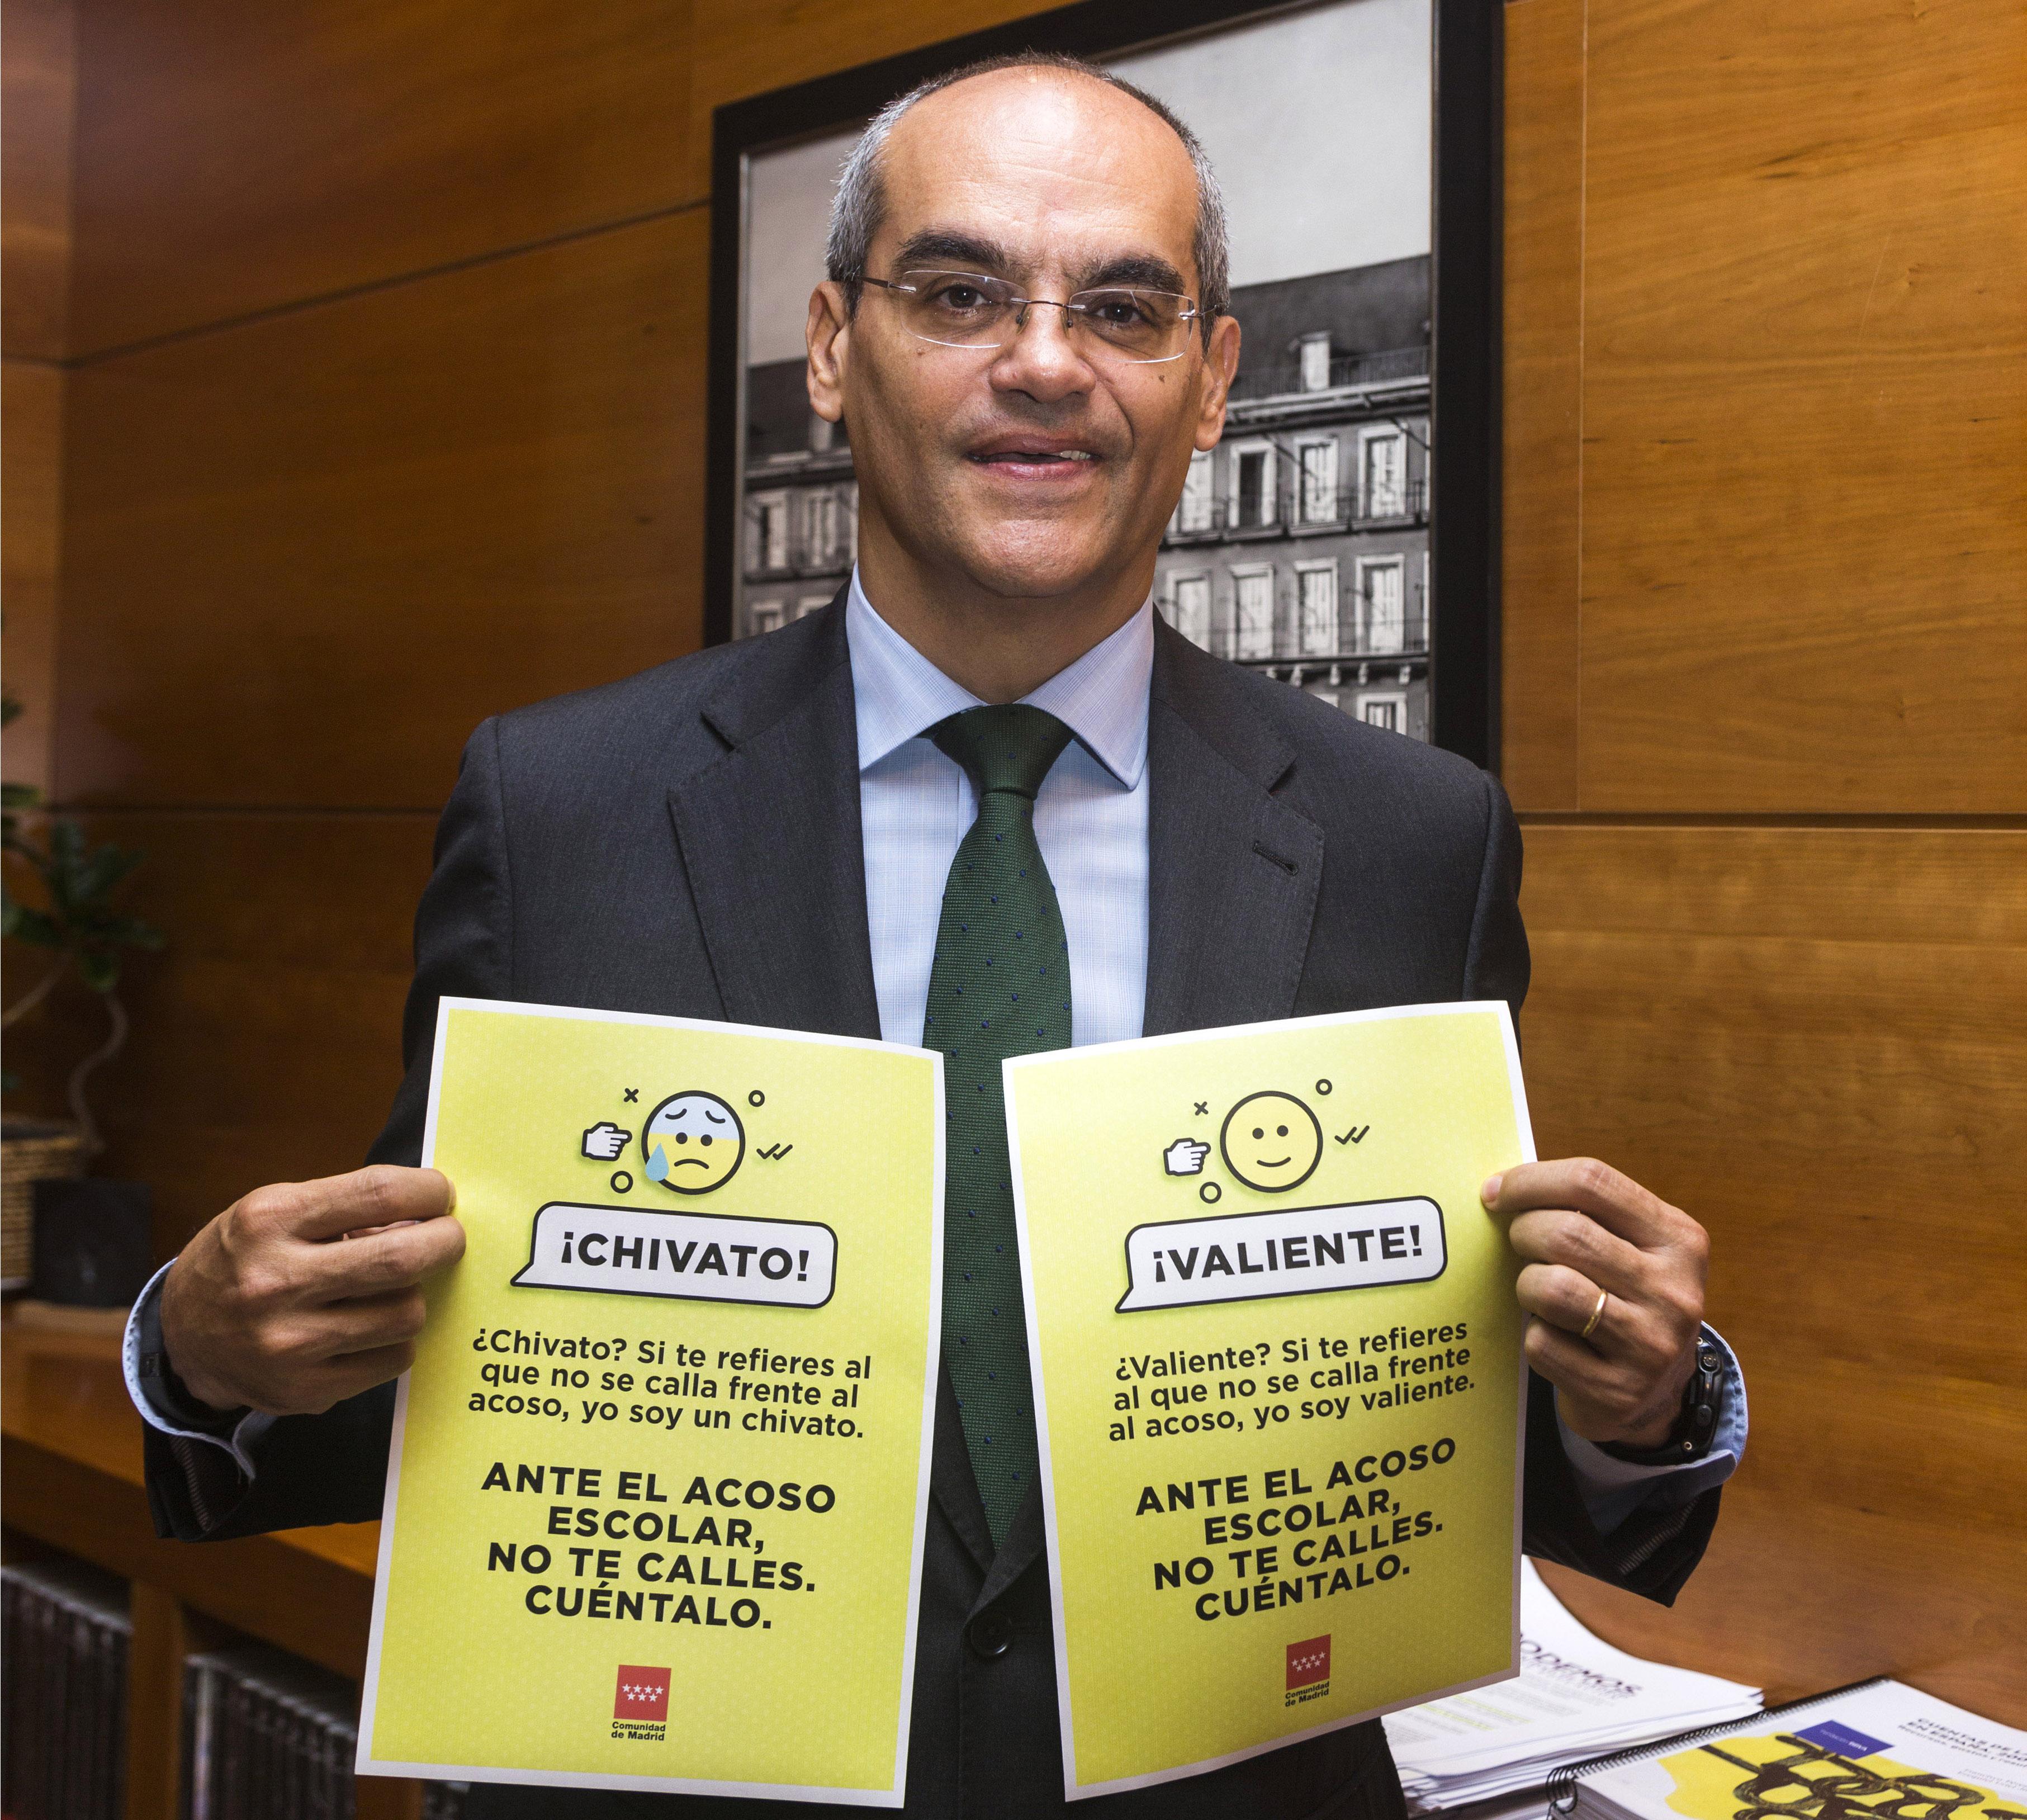 El consejero de Educación muestra los carteles de la campaña de la Comunidad de Madrid contra el bullying - Foto: Jesús Umbría